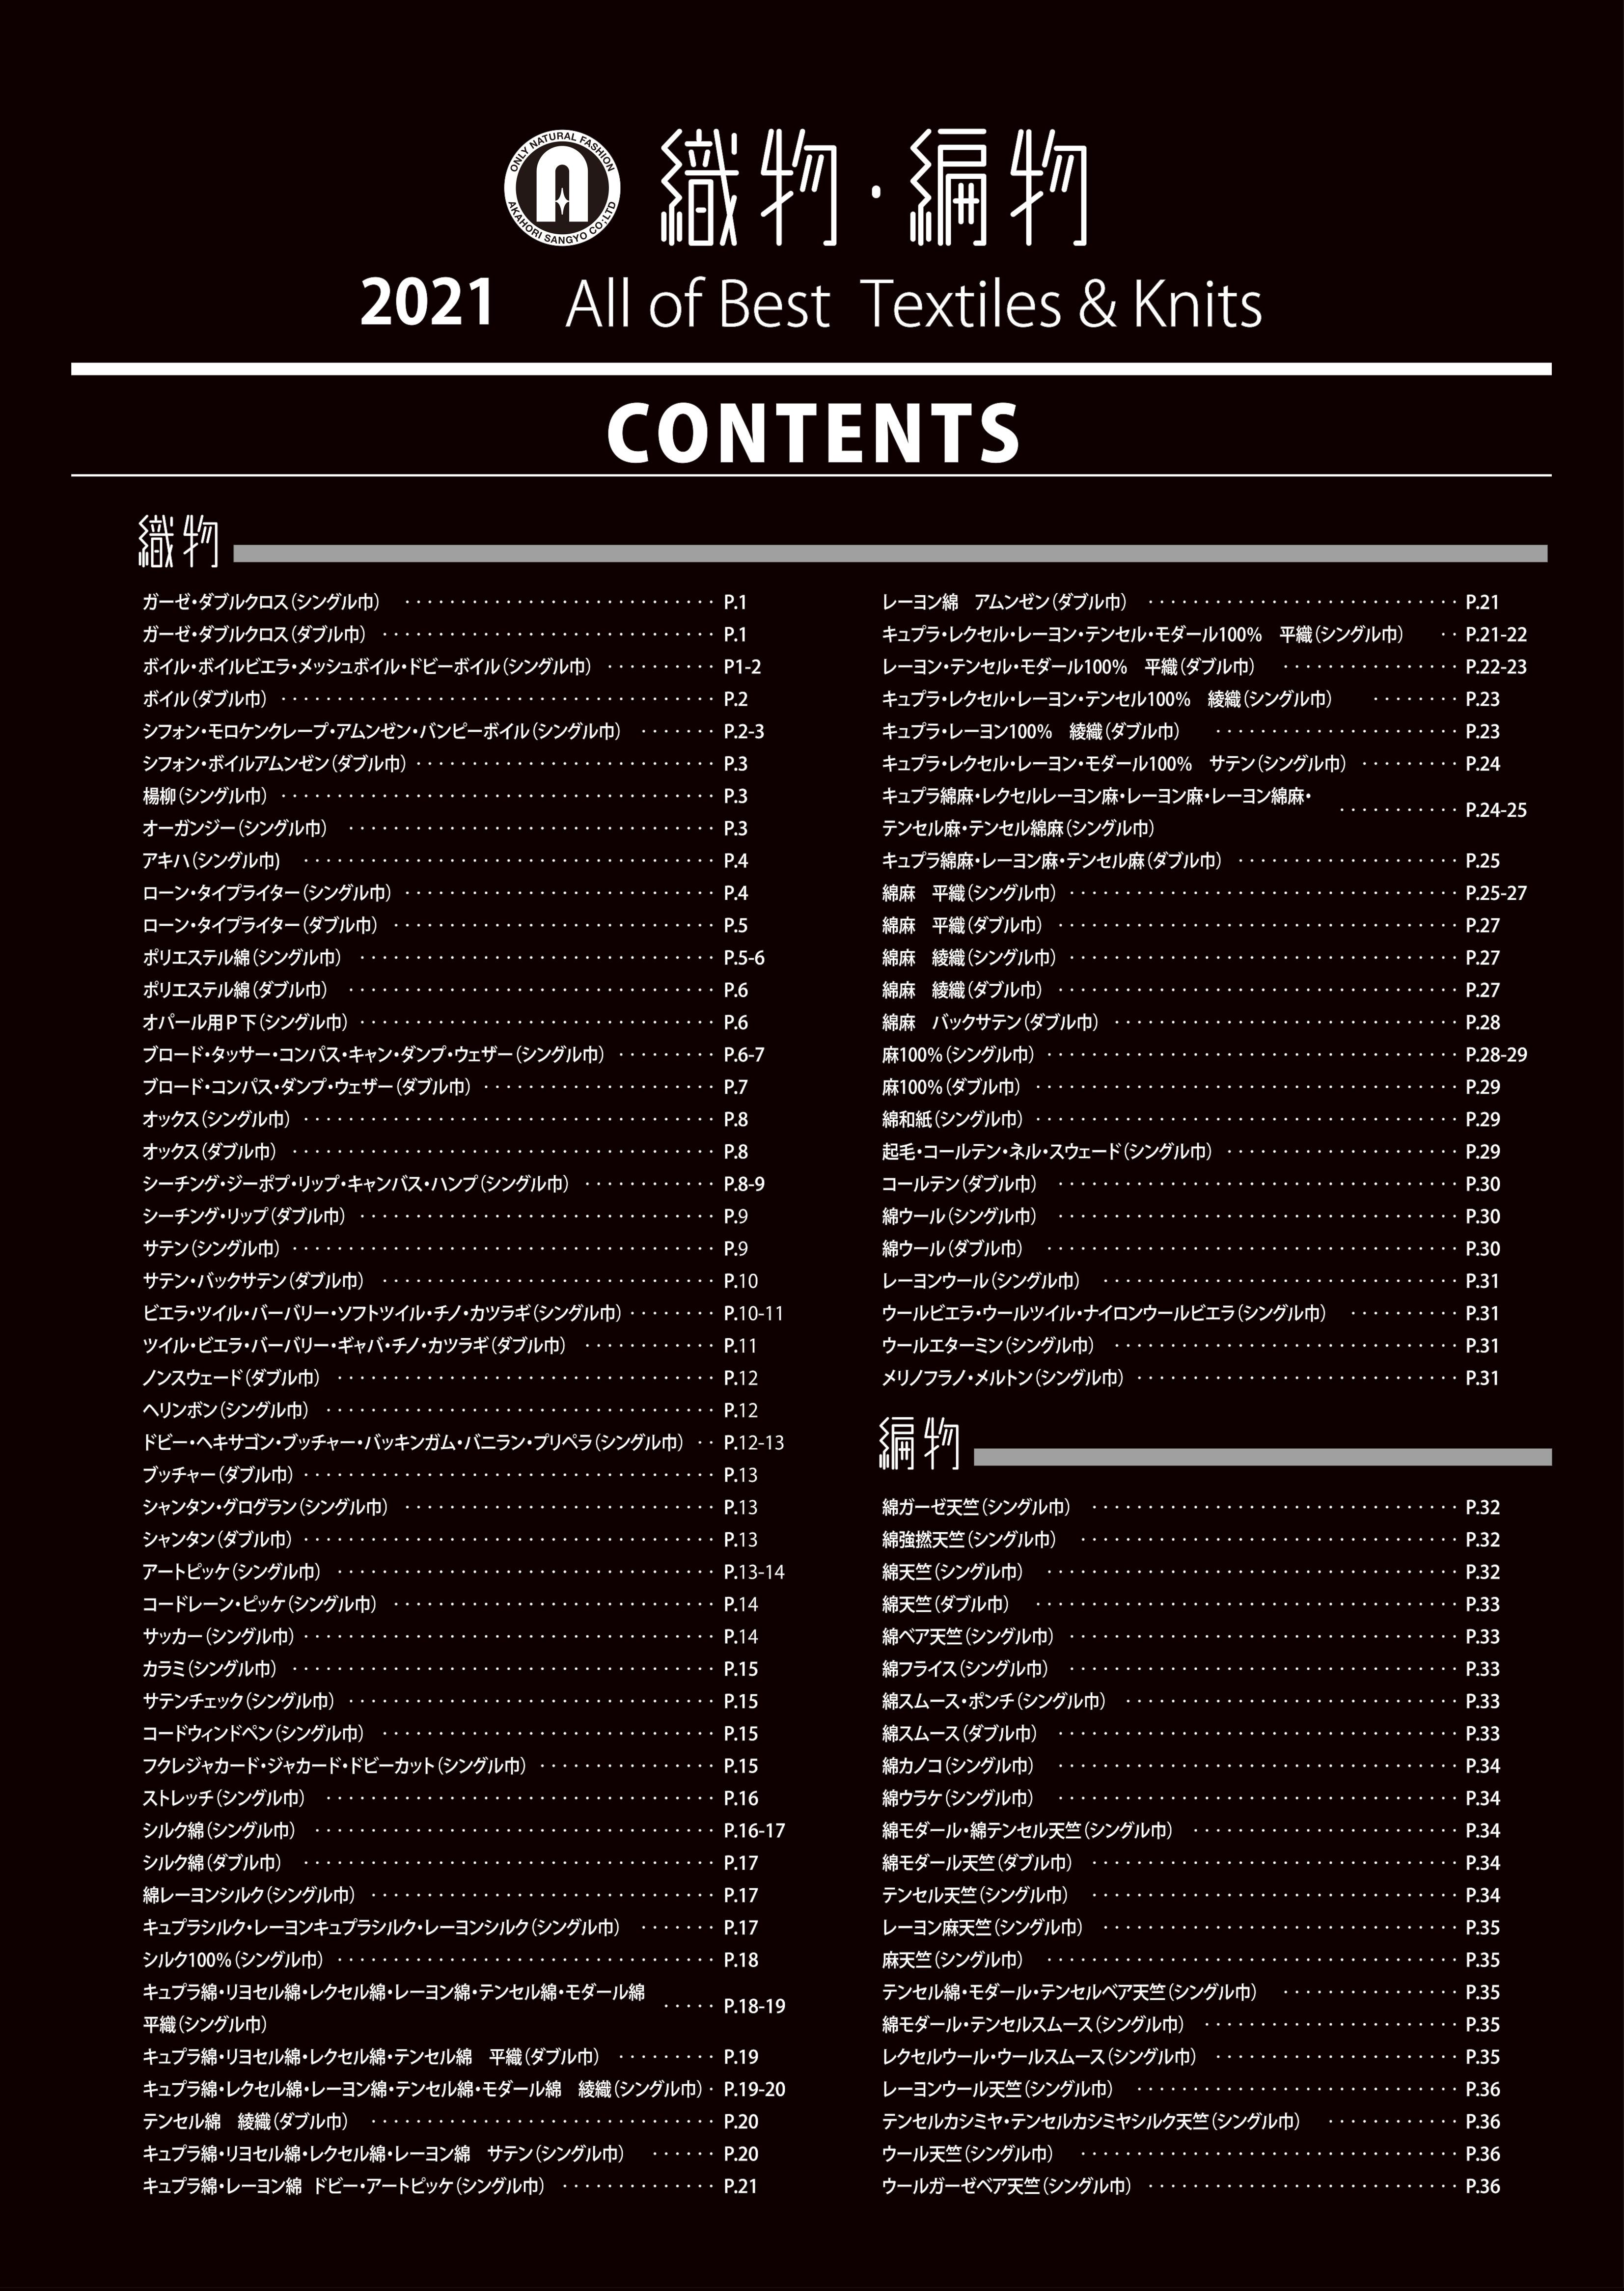 textile_contents_2021